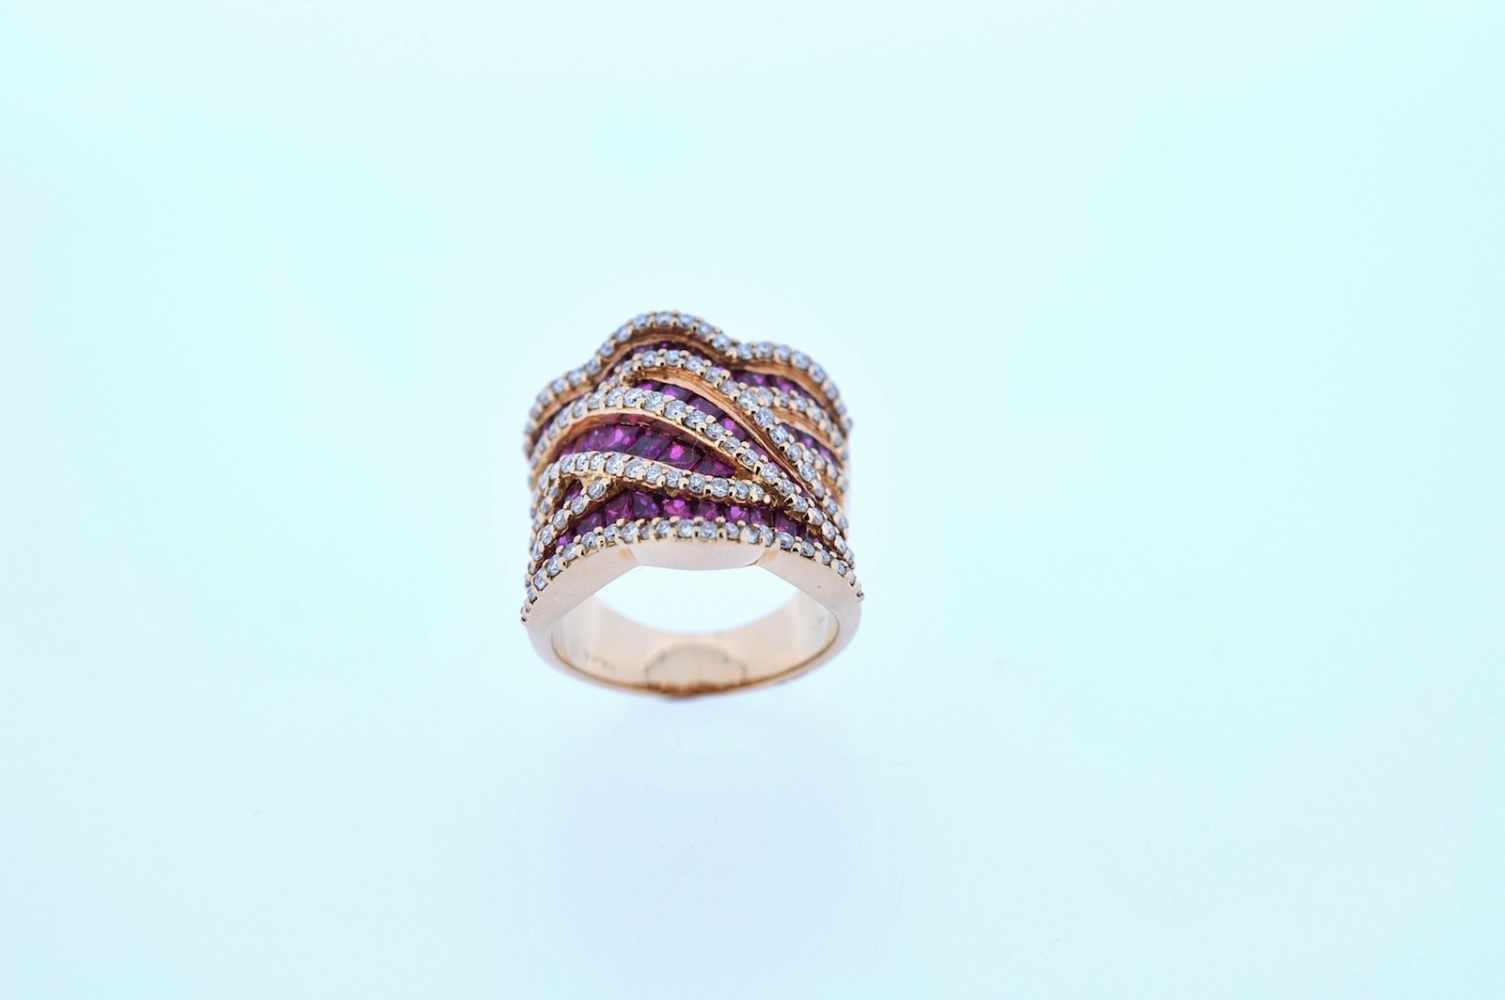 Ring Rotgoldener 18 kt Ring mit Brillanten, zus. ca. 1,37 ct und Rubinen, zus.ca. 4,87 ct, Ringweite